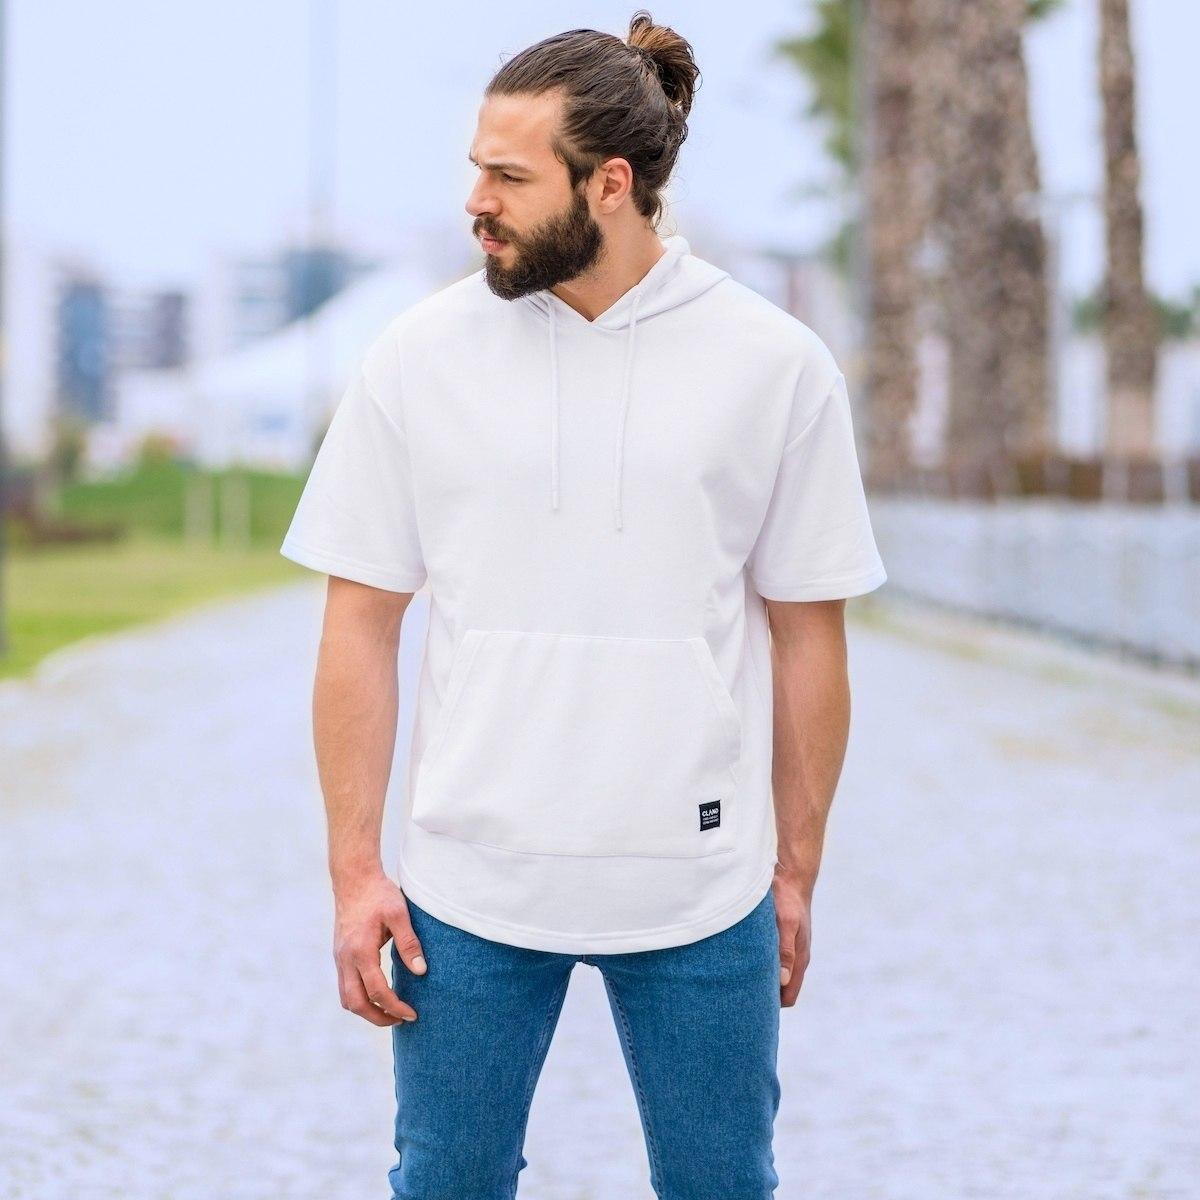 Men's Half-Sleeved Hoodie In White